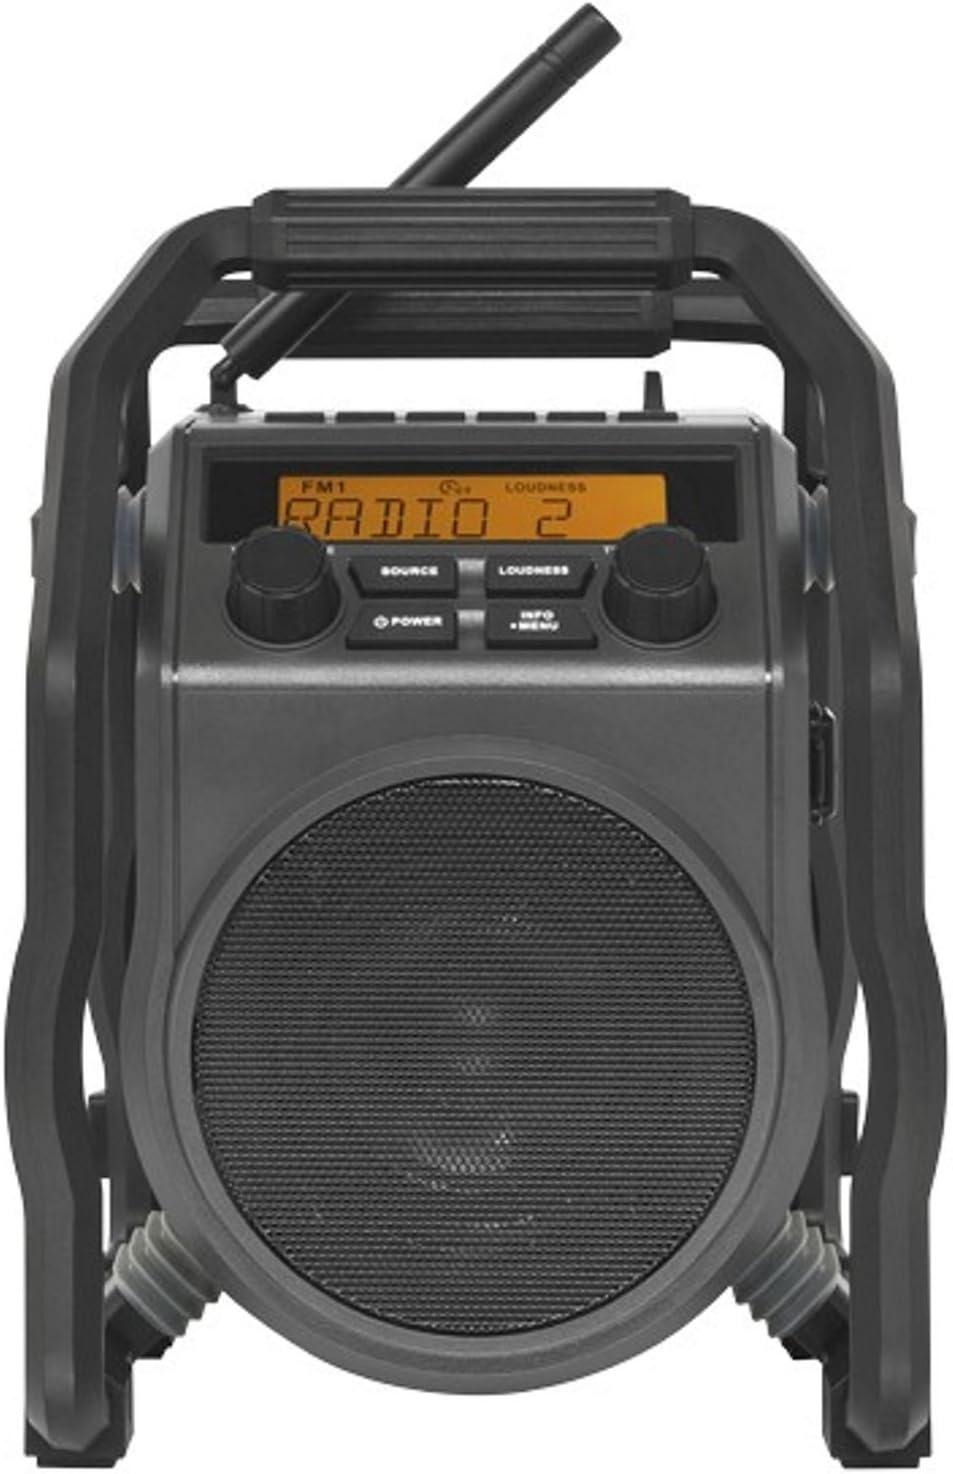 PerfectPro ubox 100 FM de Radio para obras, RDS, AUX, antigolpes: Amazon.es: Electrónica